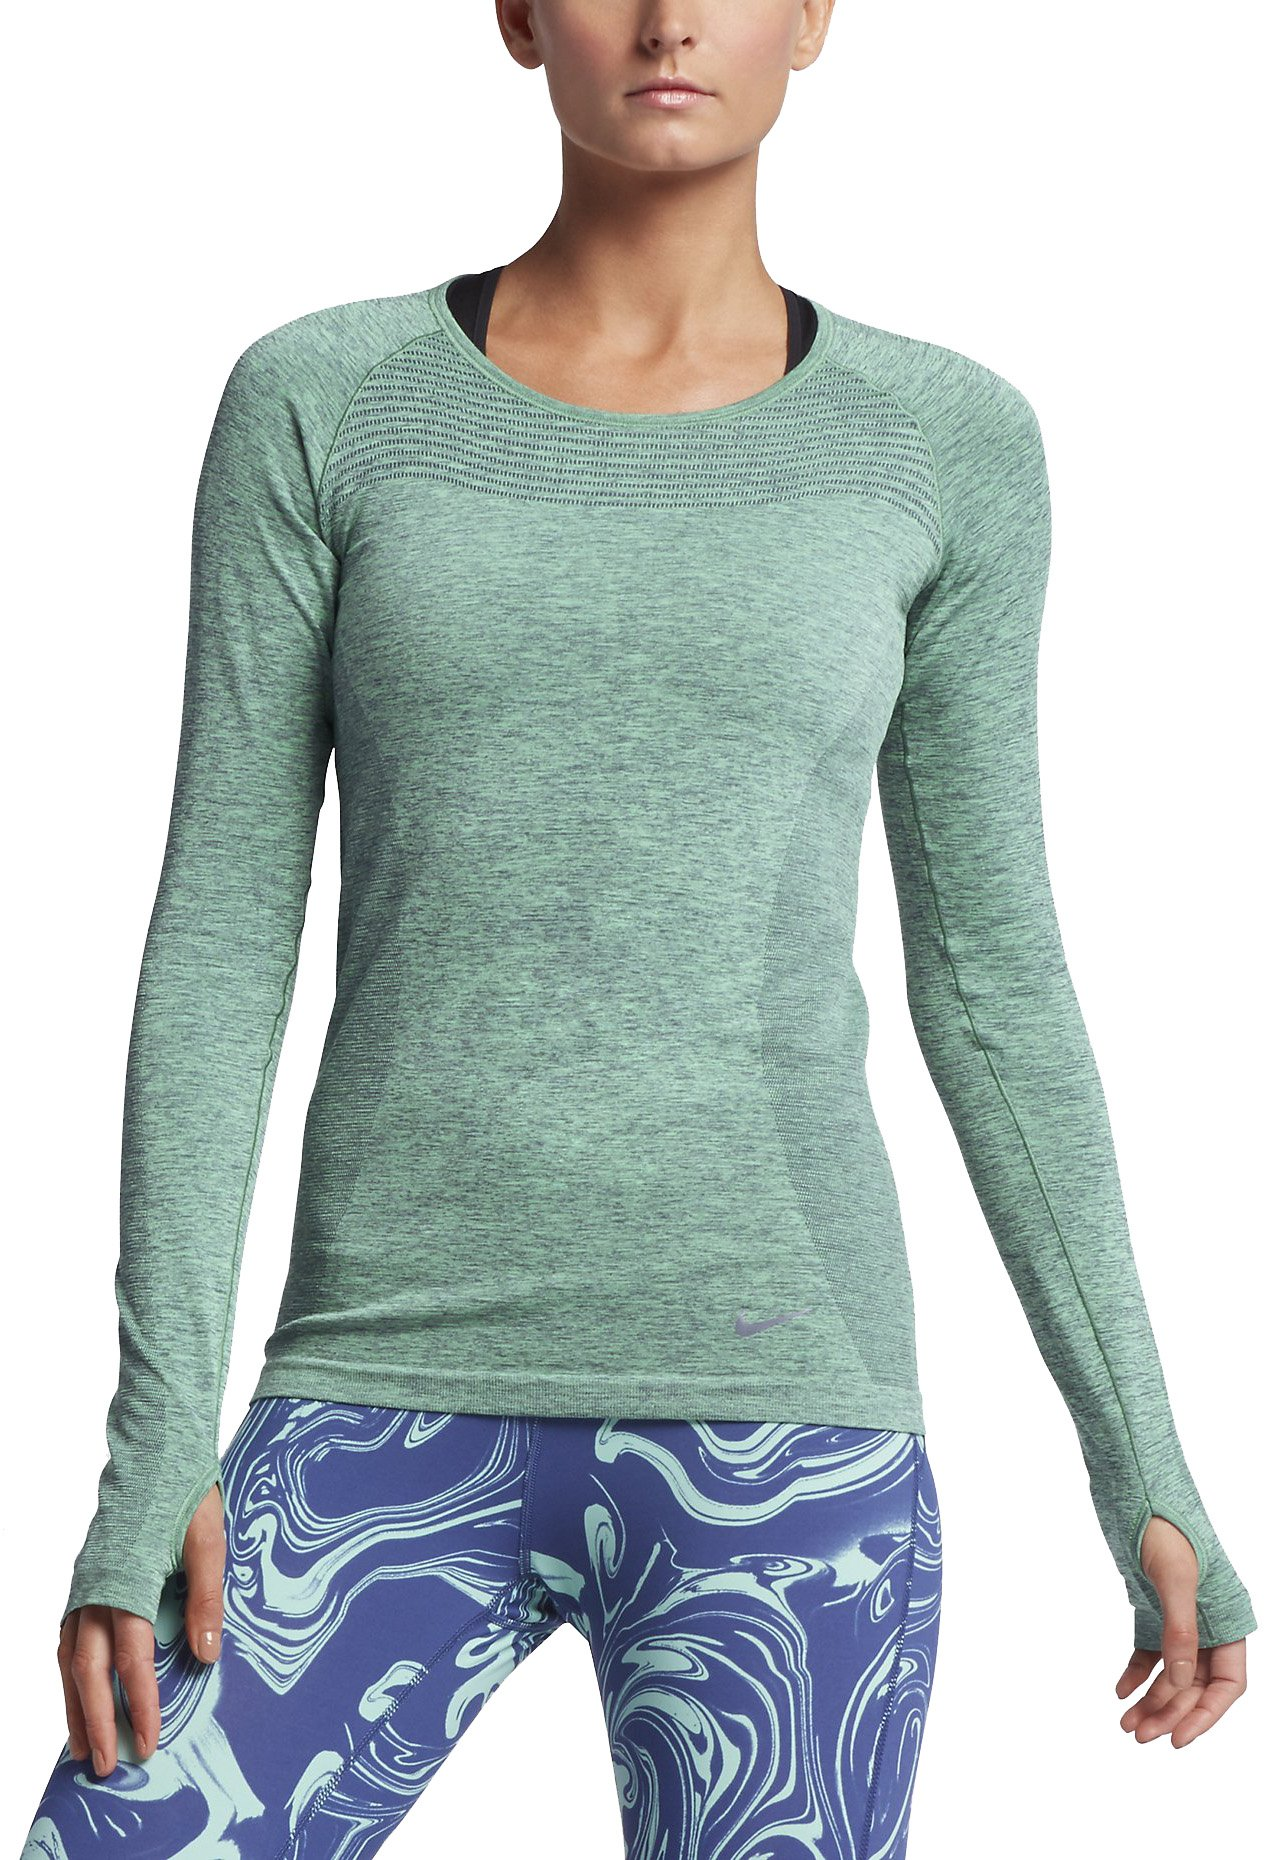 Běžecké triko s dlouhým rukávem Nike Dri-FIT KNIT